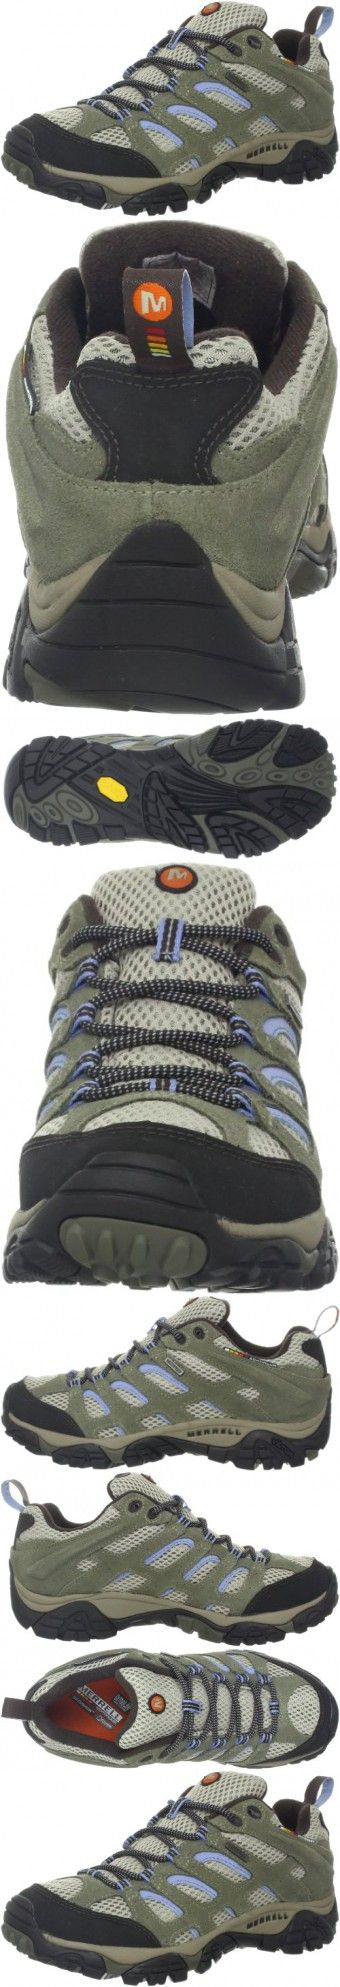 Merrell Women's Moab Waterproof Hiking Shoe,Dusty Olive,9 M US